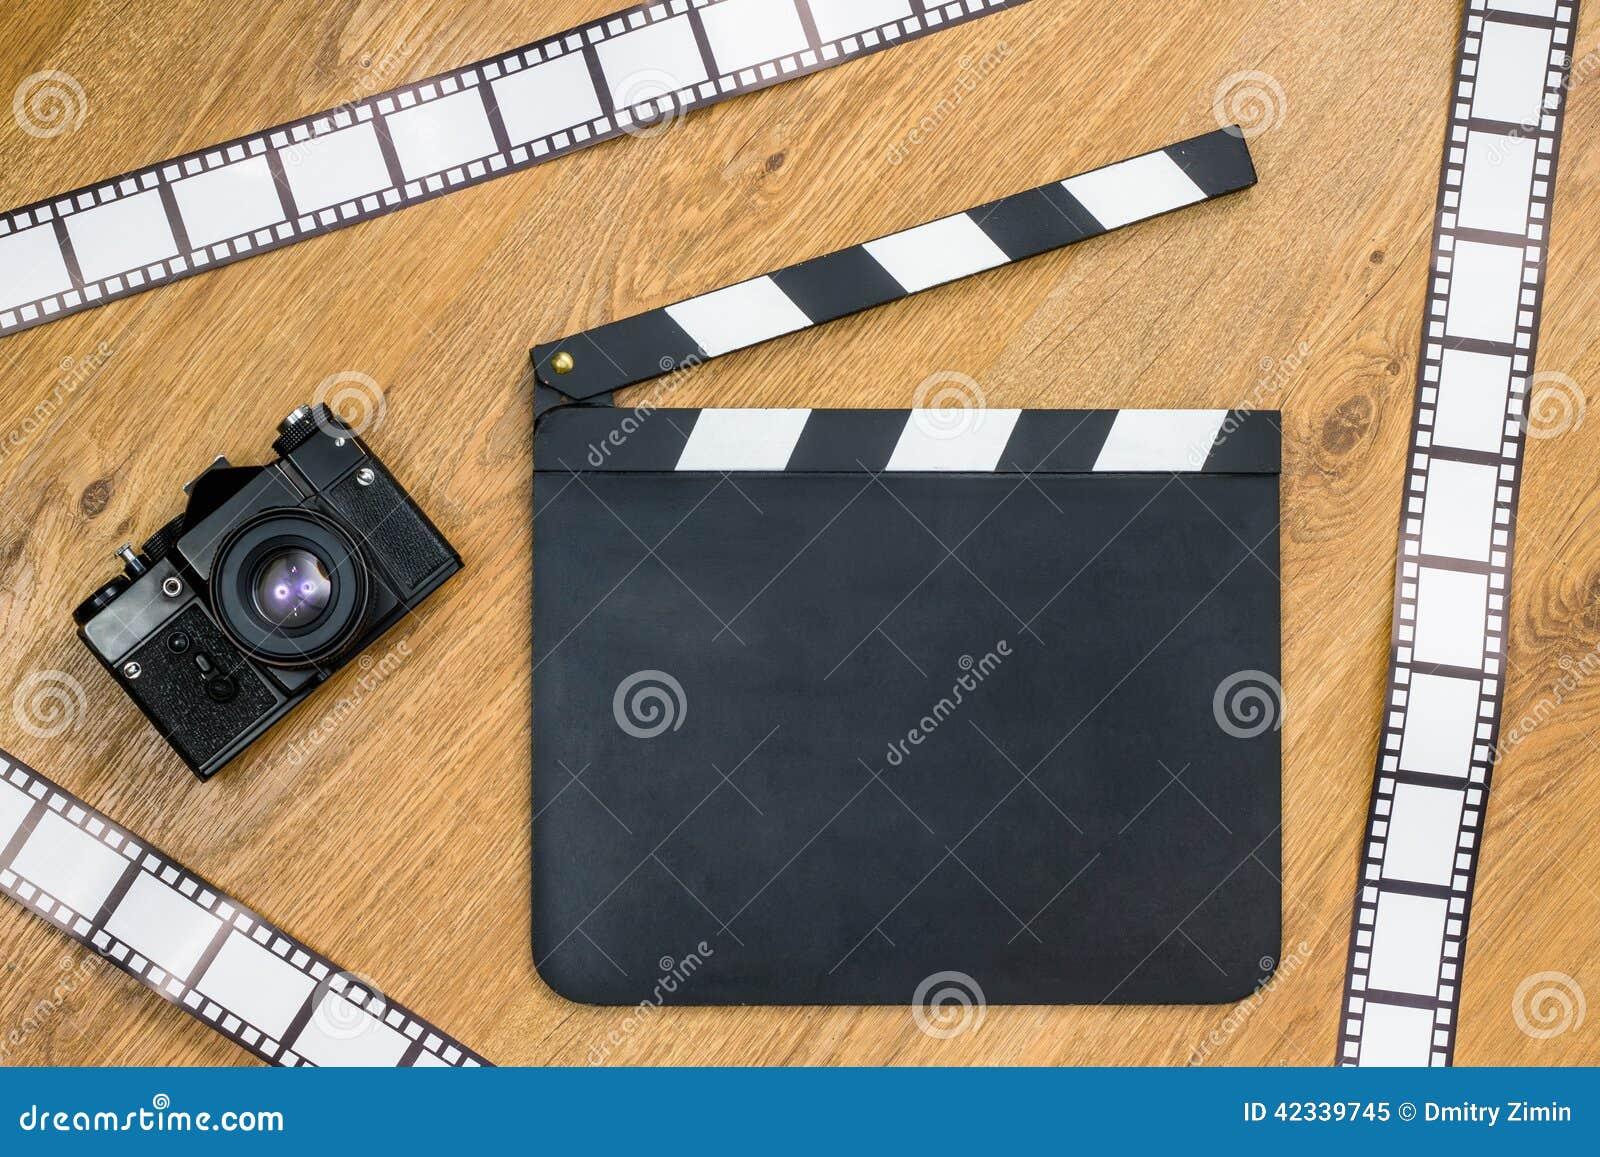 blank film slate - photo #8